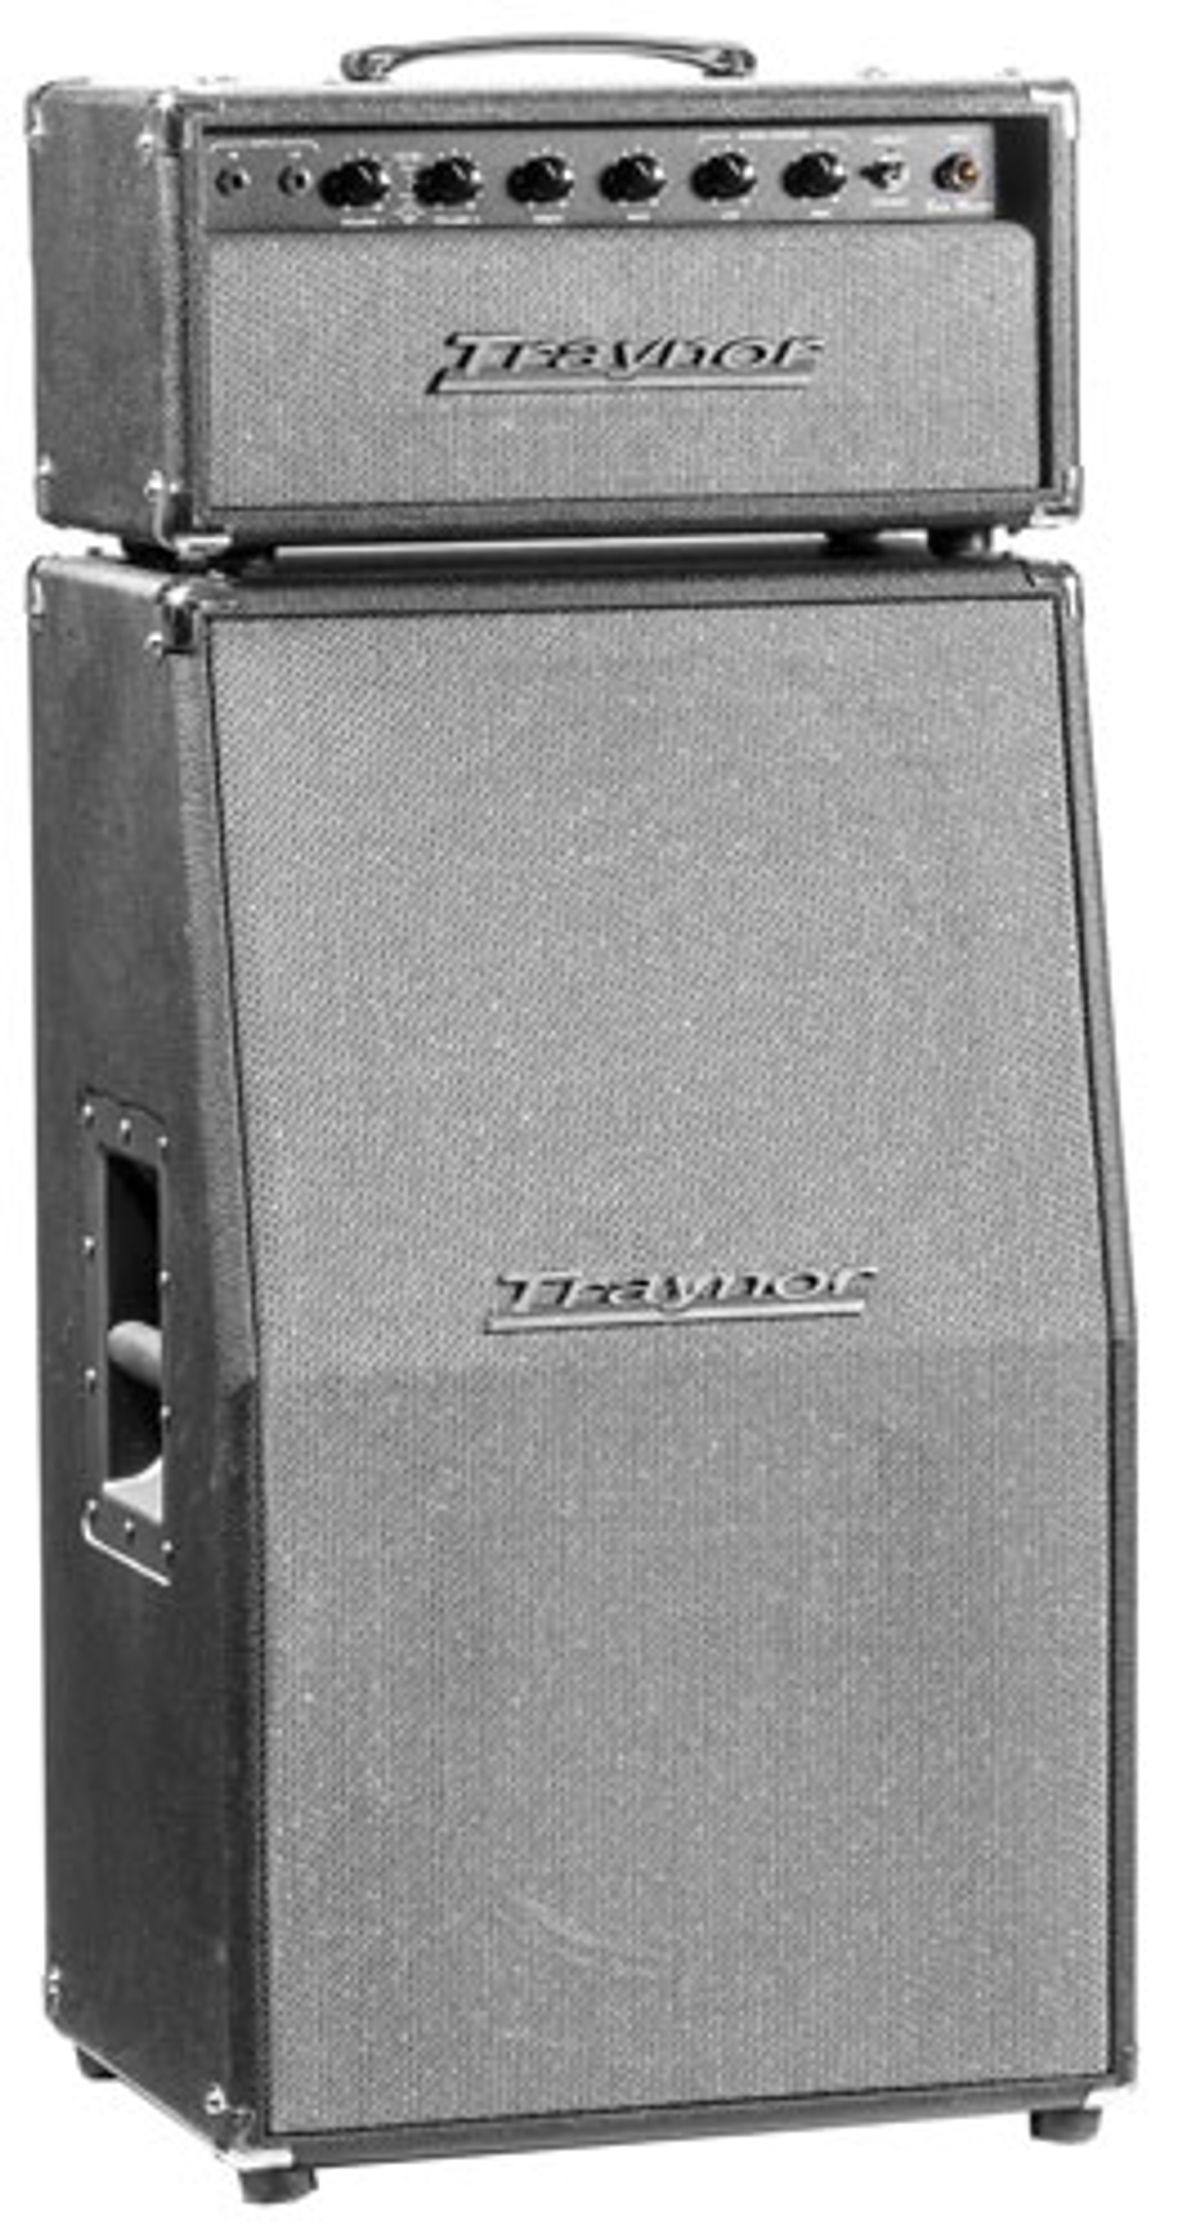 Traynor Introduces the YBA1 Mod 1 Amp